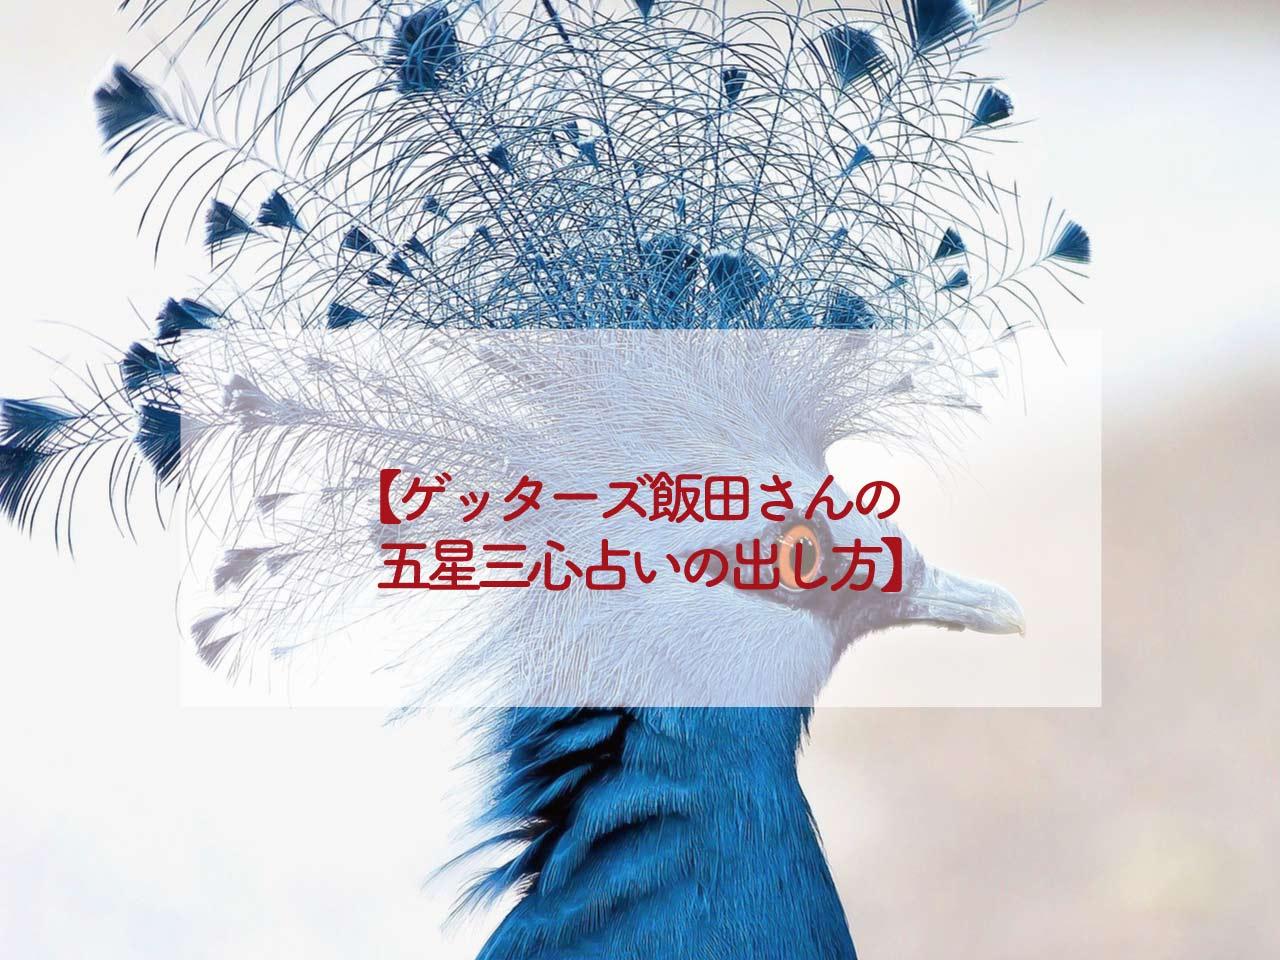 ゲッターズ飯田さんの五星三心占いの出し方と2021年の運勢